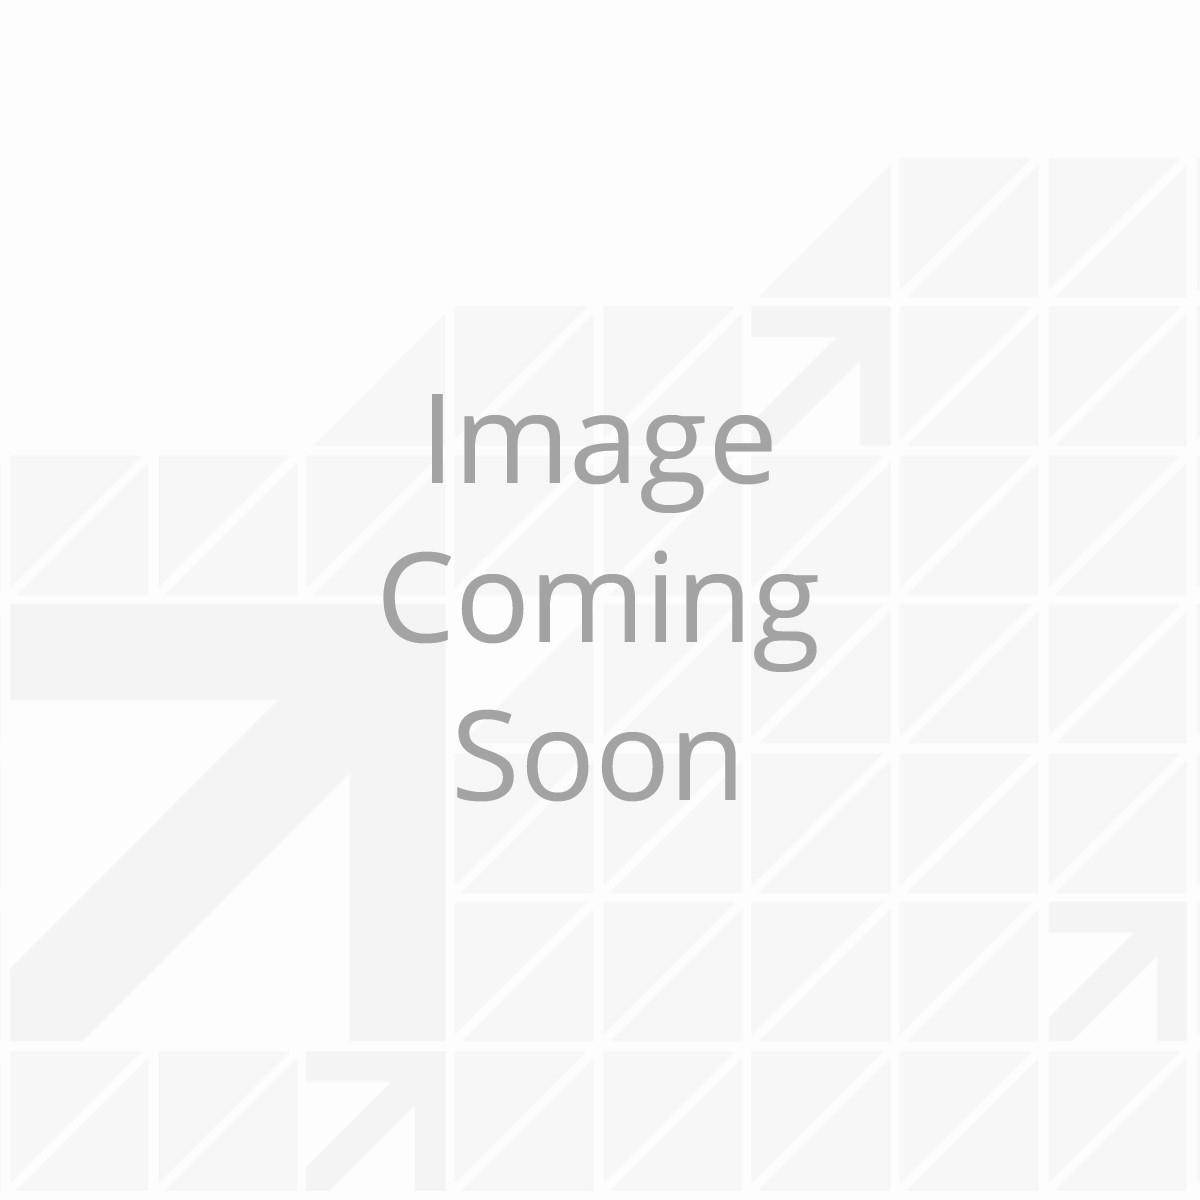 159027_-_hinge_rod_-_001